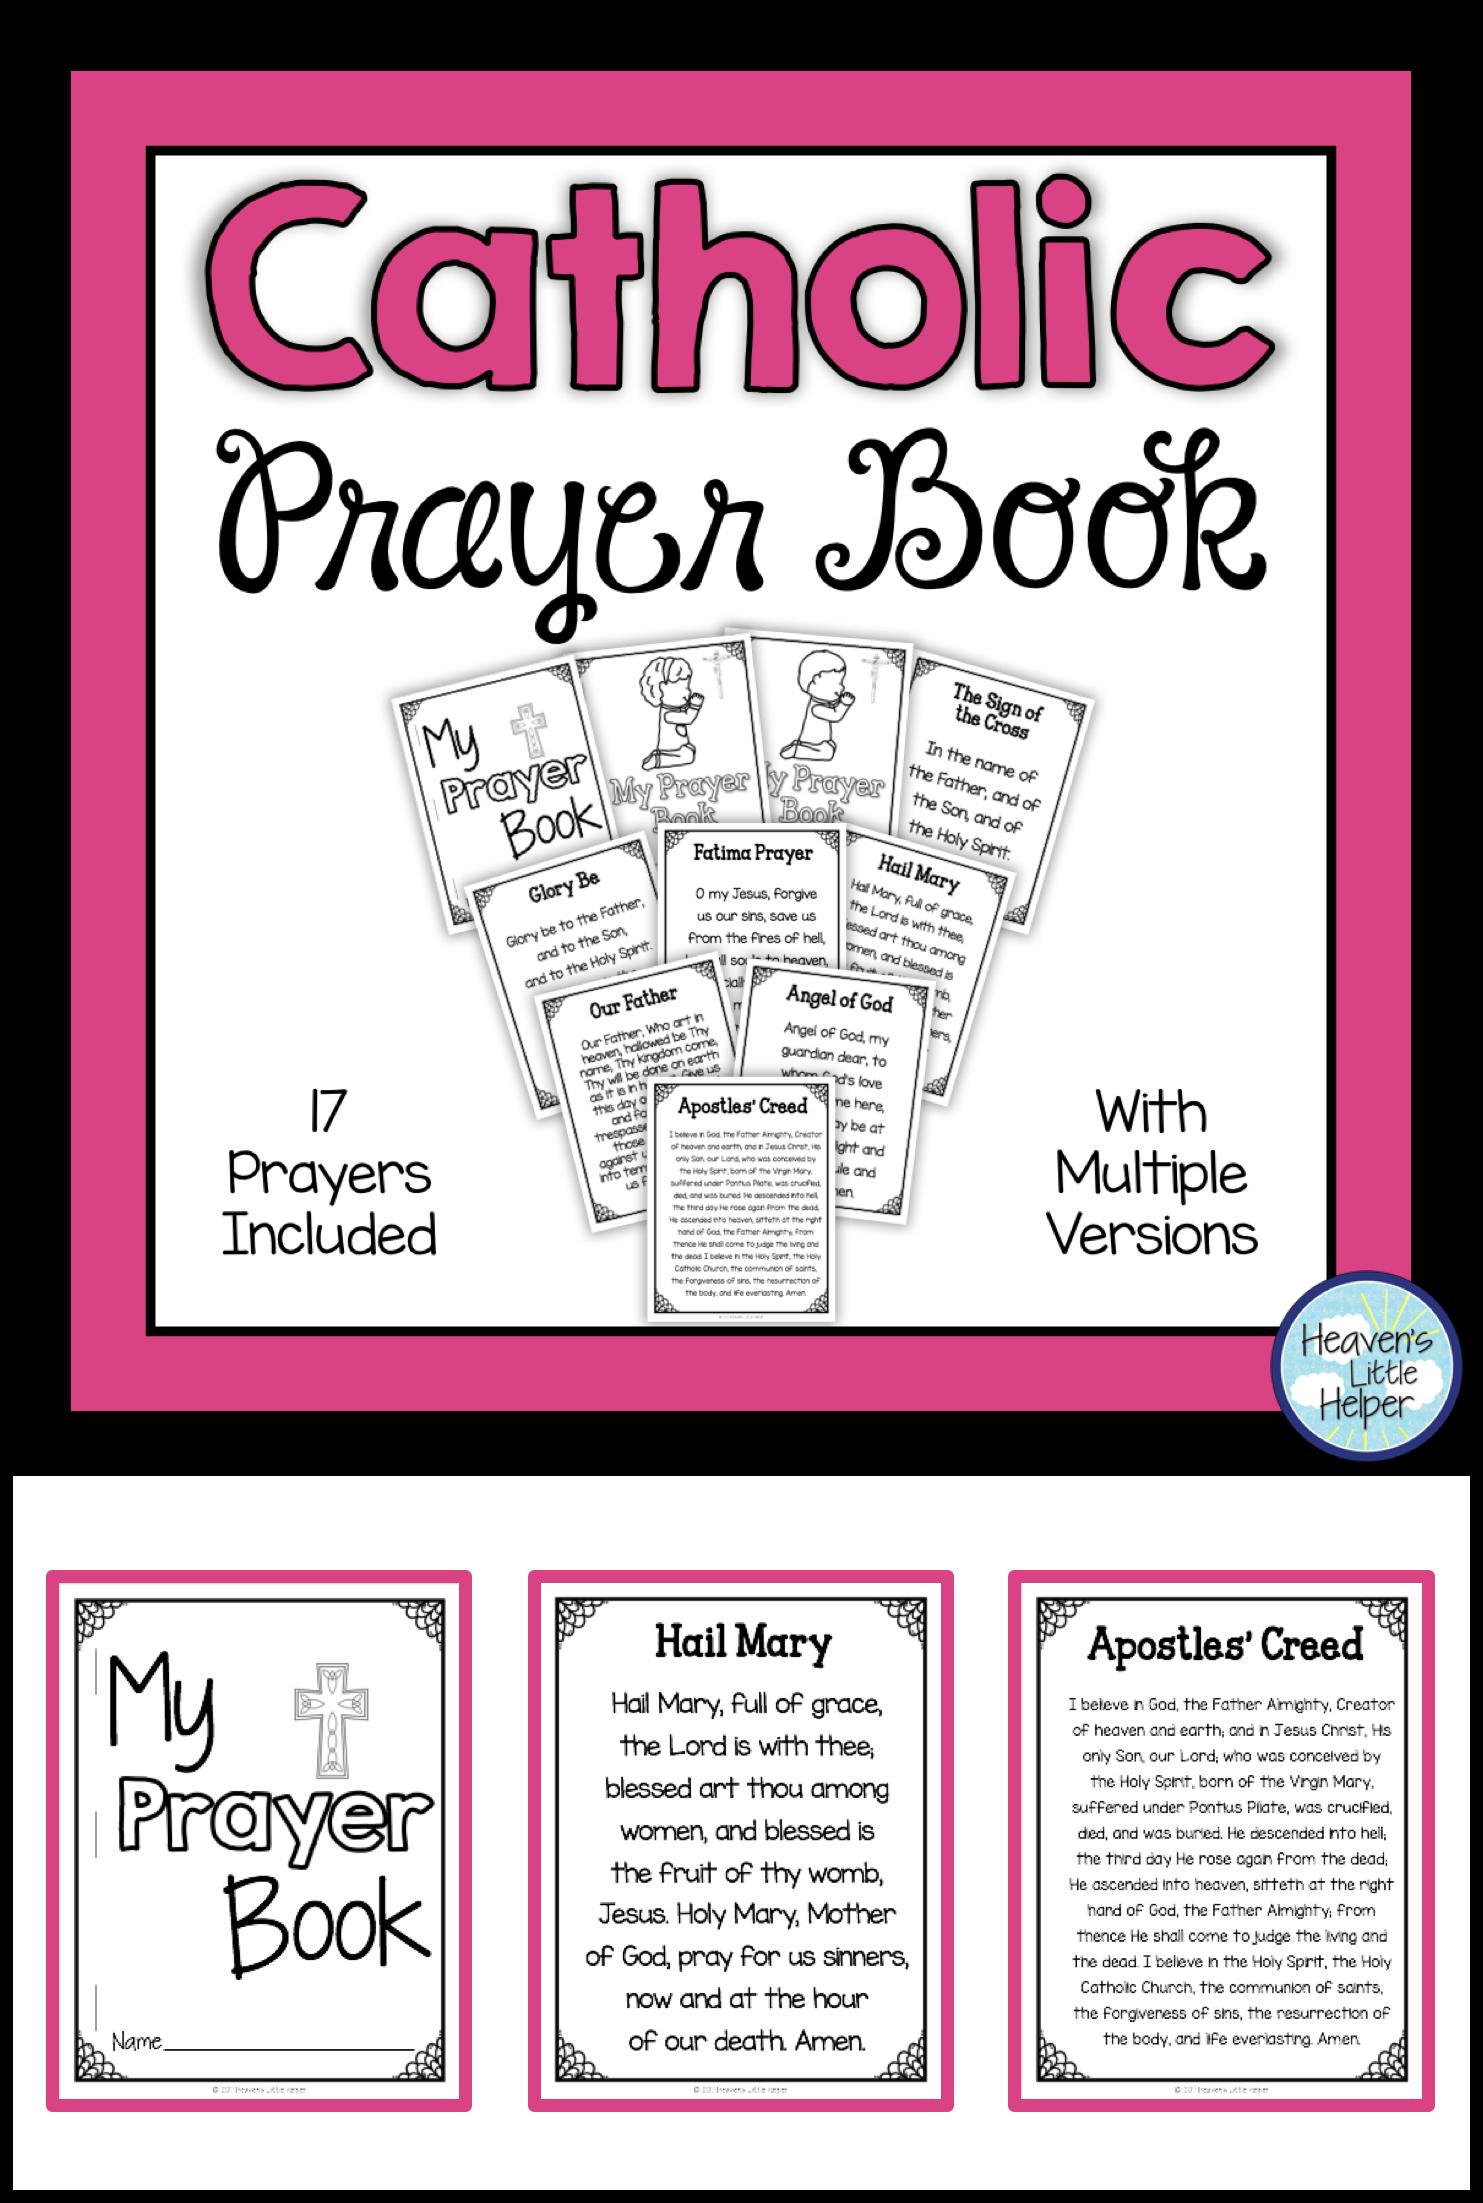 Catholic Prayer Book | Cce | Catholic Religious Education, Catholic - Free Printable Catholic Mass Book